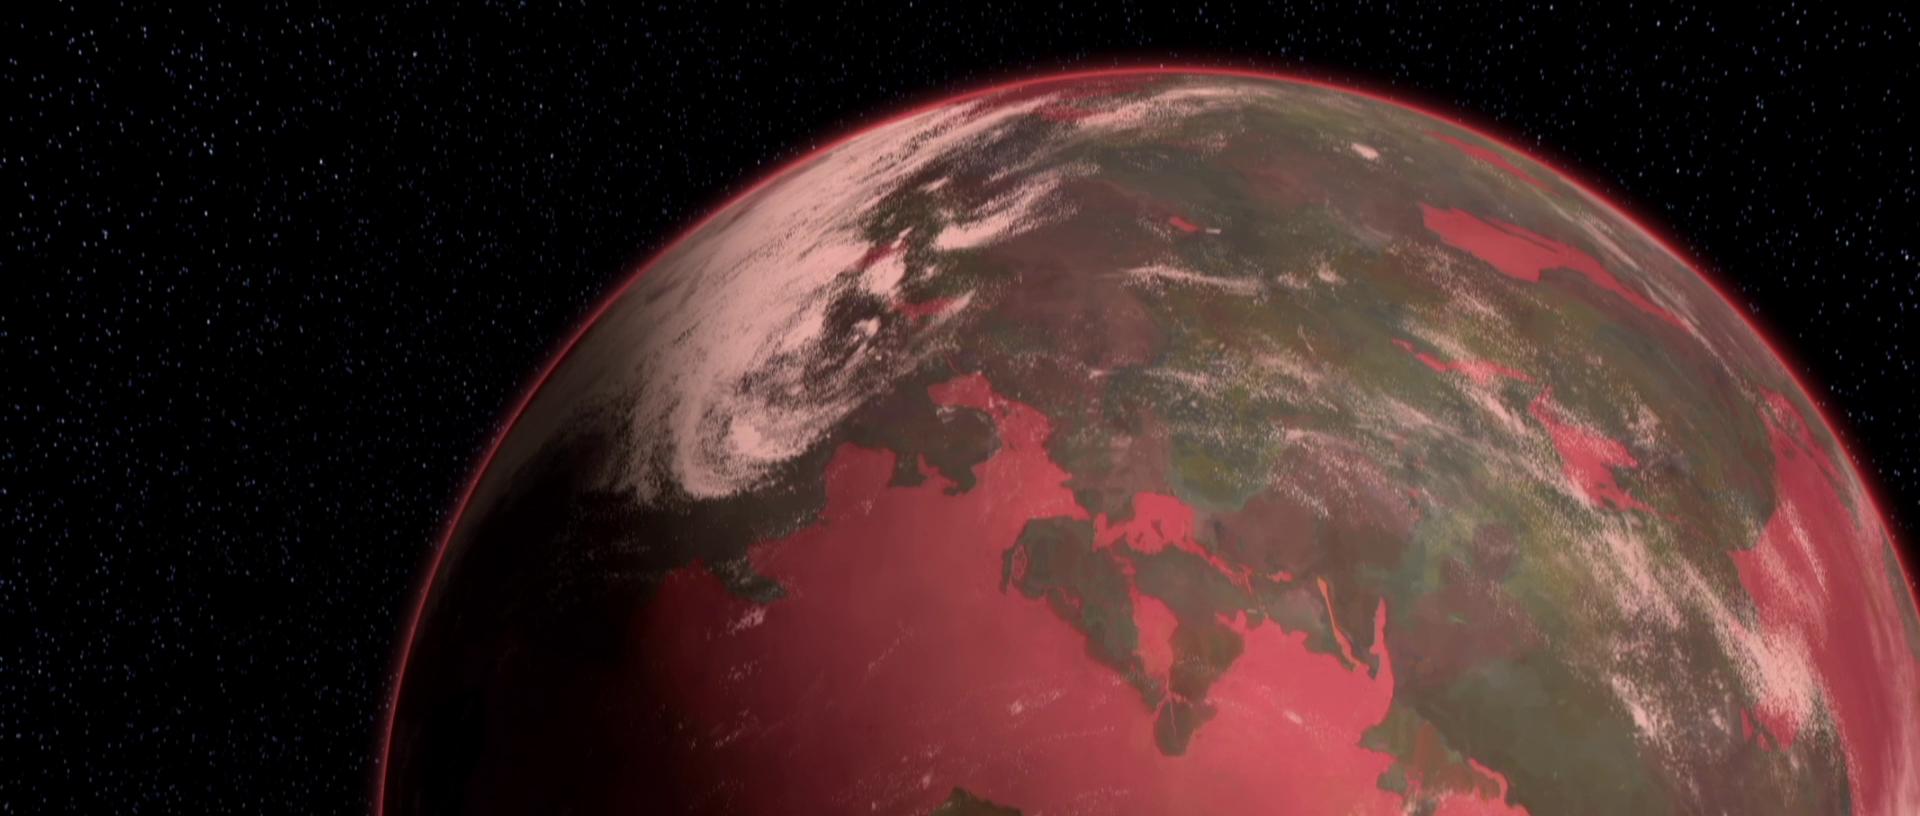 Dathomir system wookieepedia fandom powered by wikia - Star wars amino ...